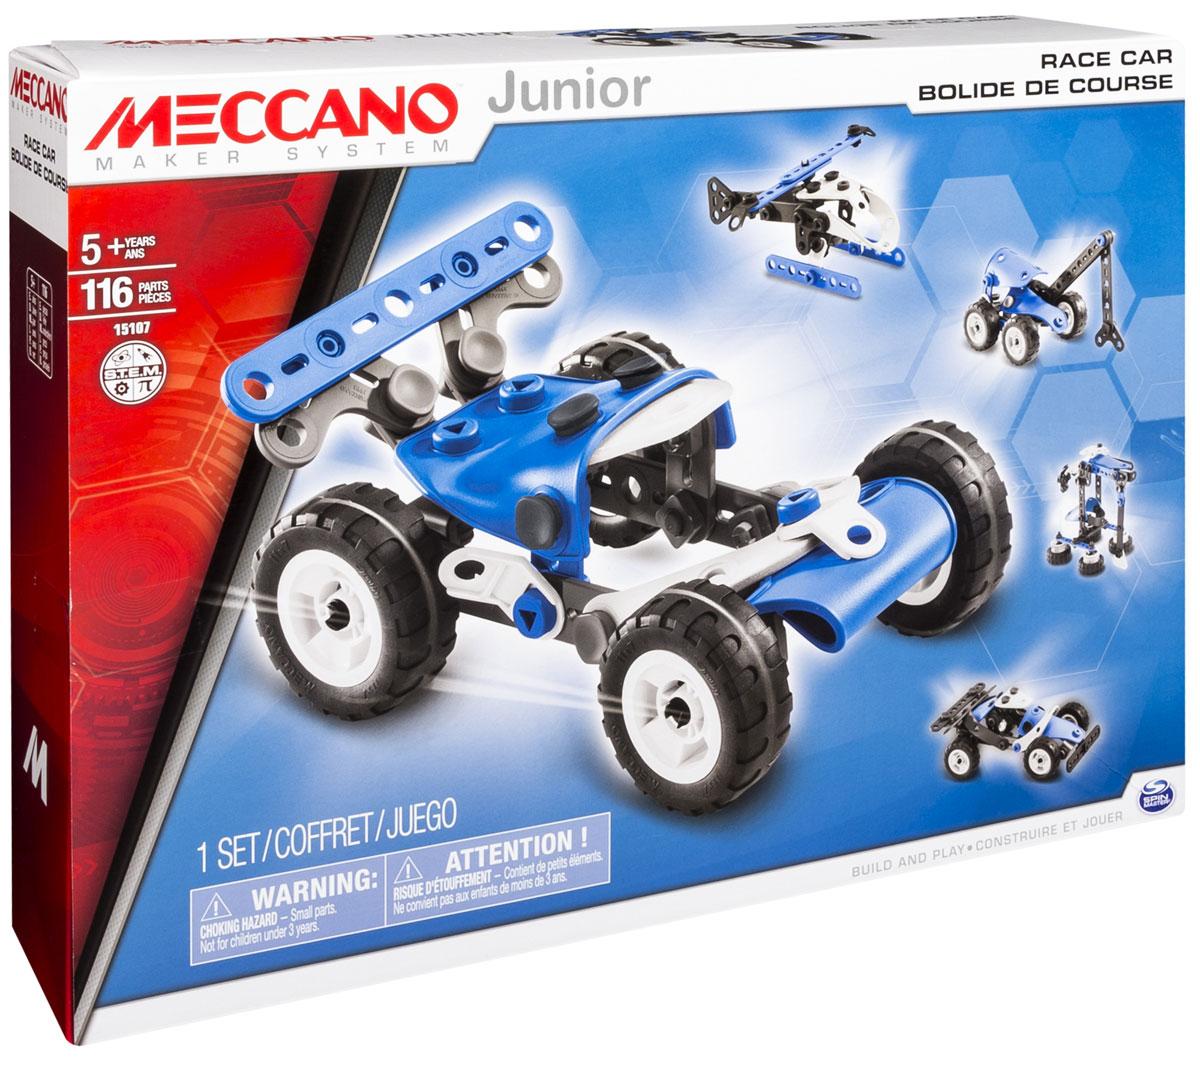 Meccano Конструктор Гоночная машина 5 в 191746Конструктор Meccano Гоночная машина позволит вашему ребенку весело и с пользой провести время. Набор включает в себя 116 деталей из пластика и резины, с помощью которых можно собрать гоночный автомобиль и еще 4 другие модели техники. В набор также входят все необходимые для сборки инструменты и инструкция. Конструктор Meccano Гоночная машина поможет ребенку развить мелкую моторику рук, координацию движений и усидчивость.